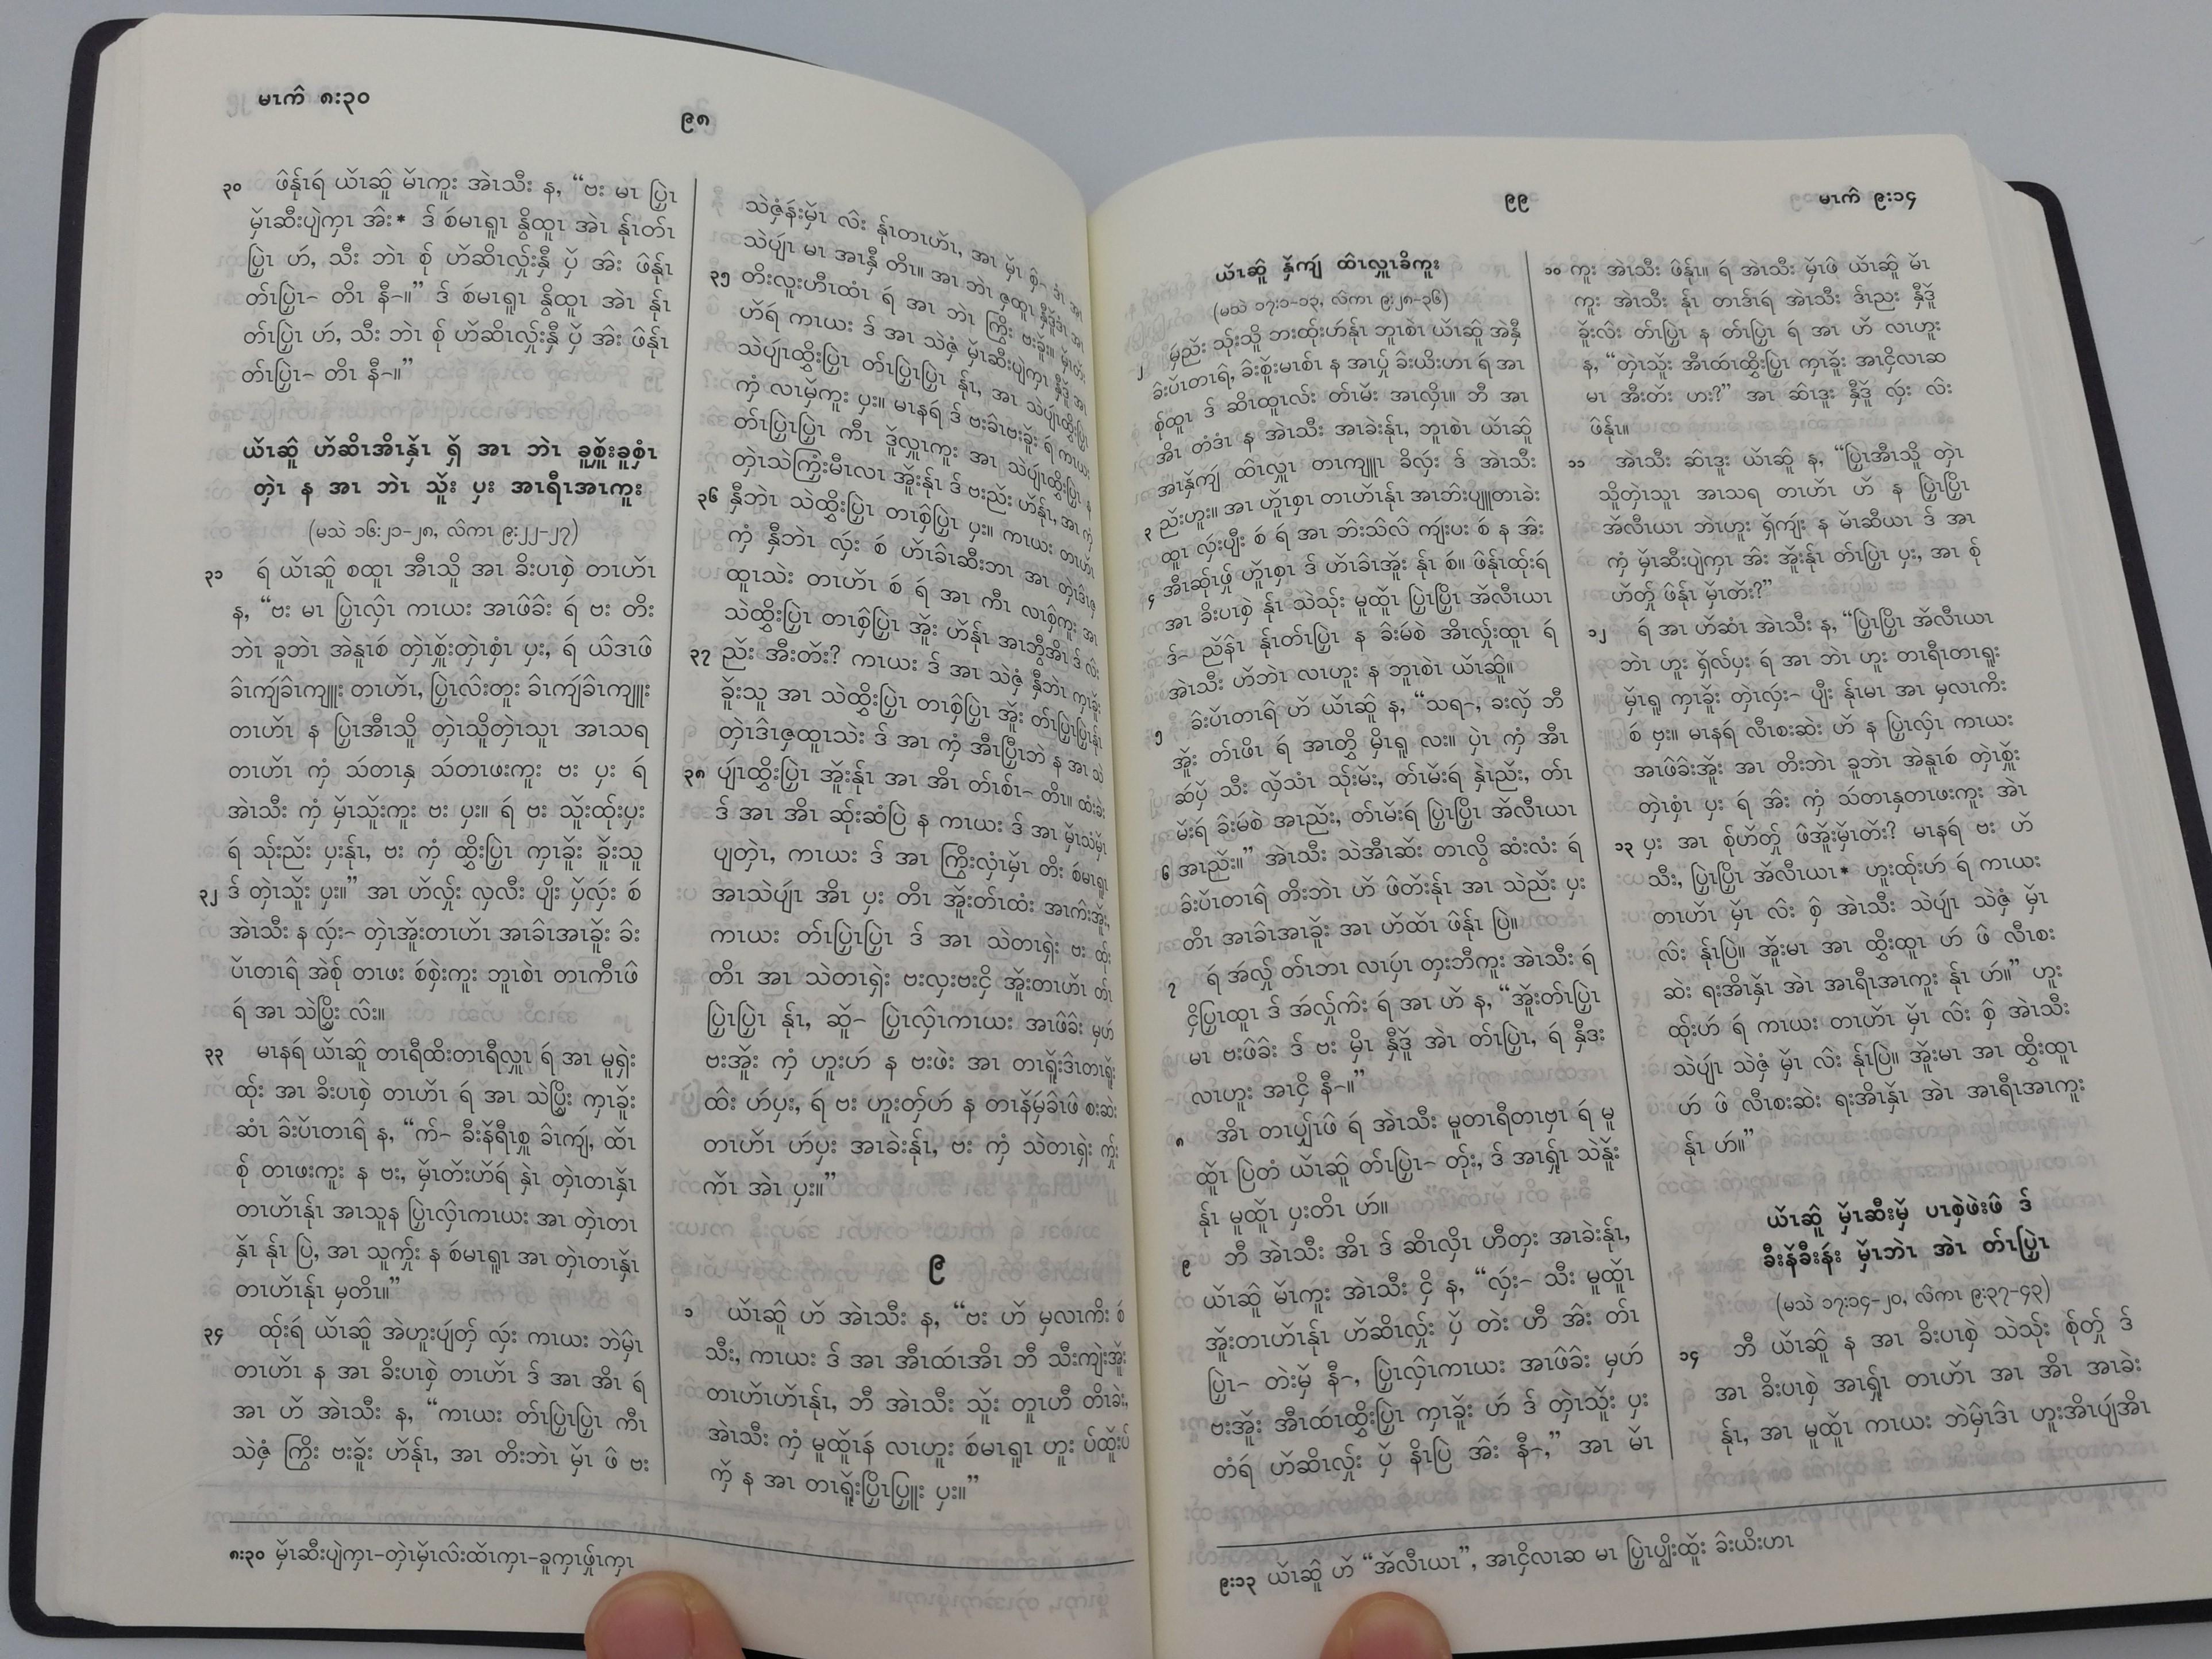 kayah-language-new-testament-7.jpg